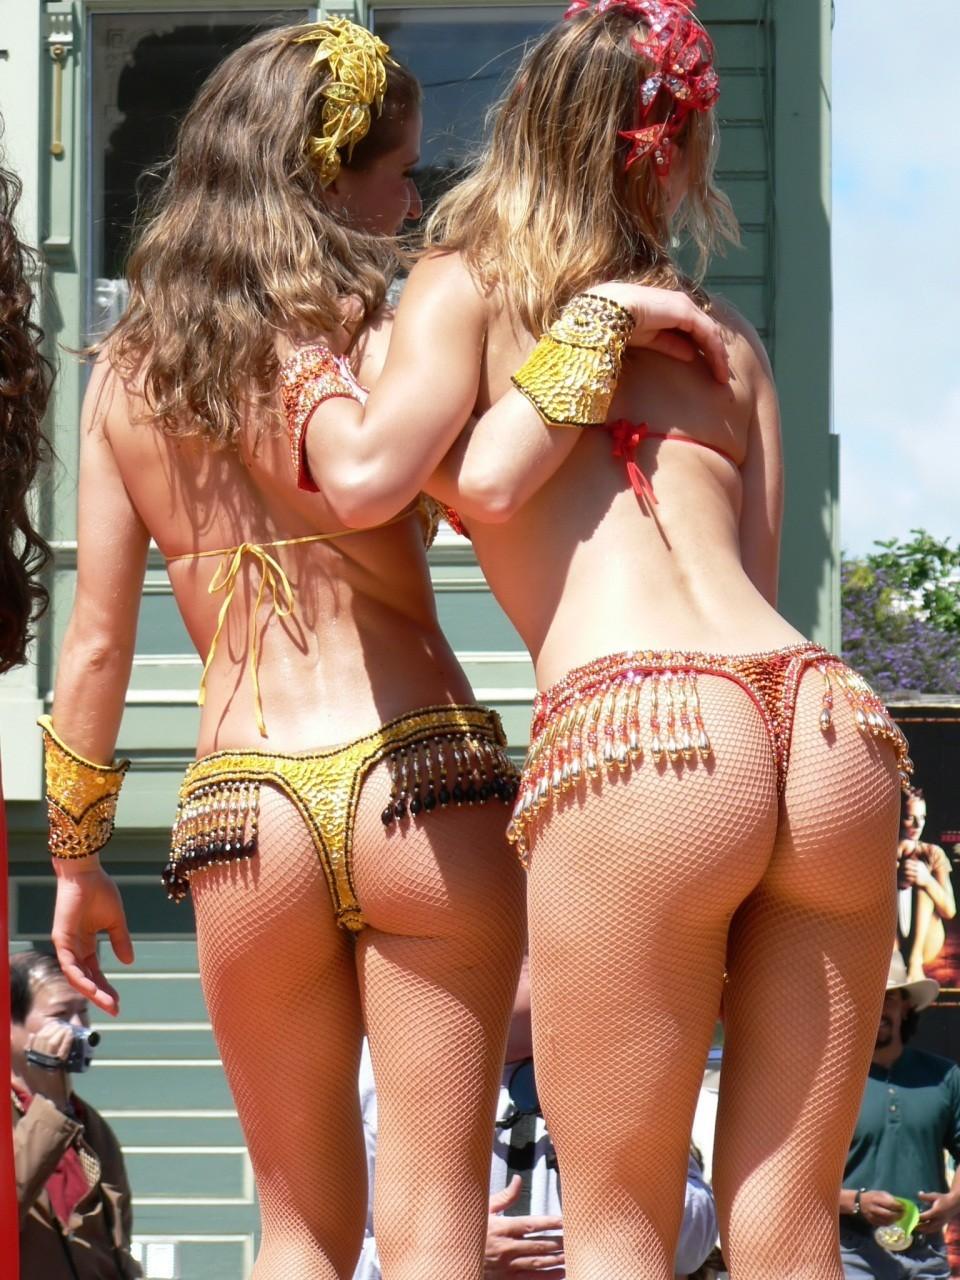 【サンバエロ画像】露骨なスケベさは伝統なので…ハミ出し上等カーニバルwww 17